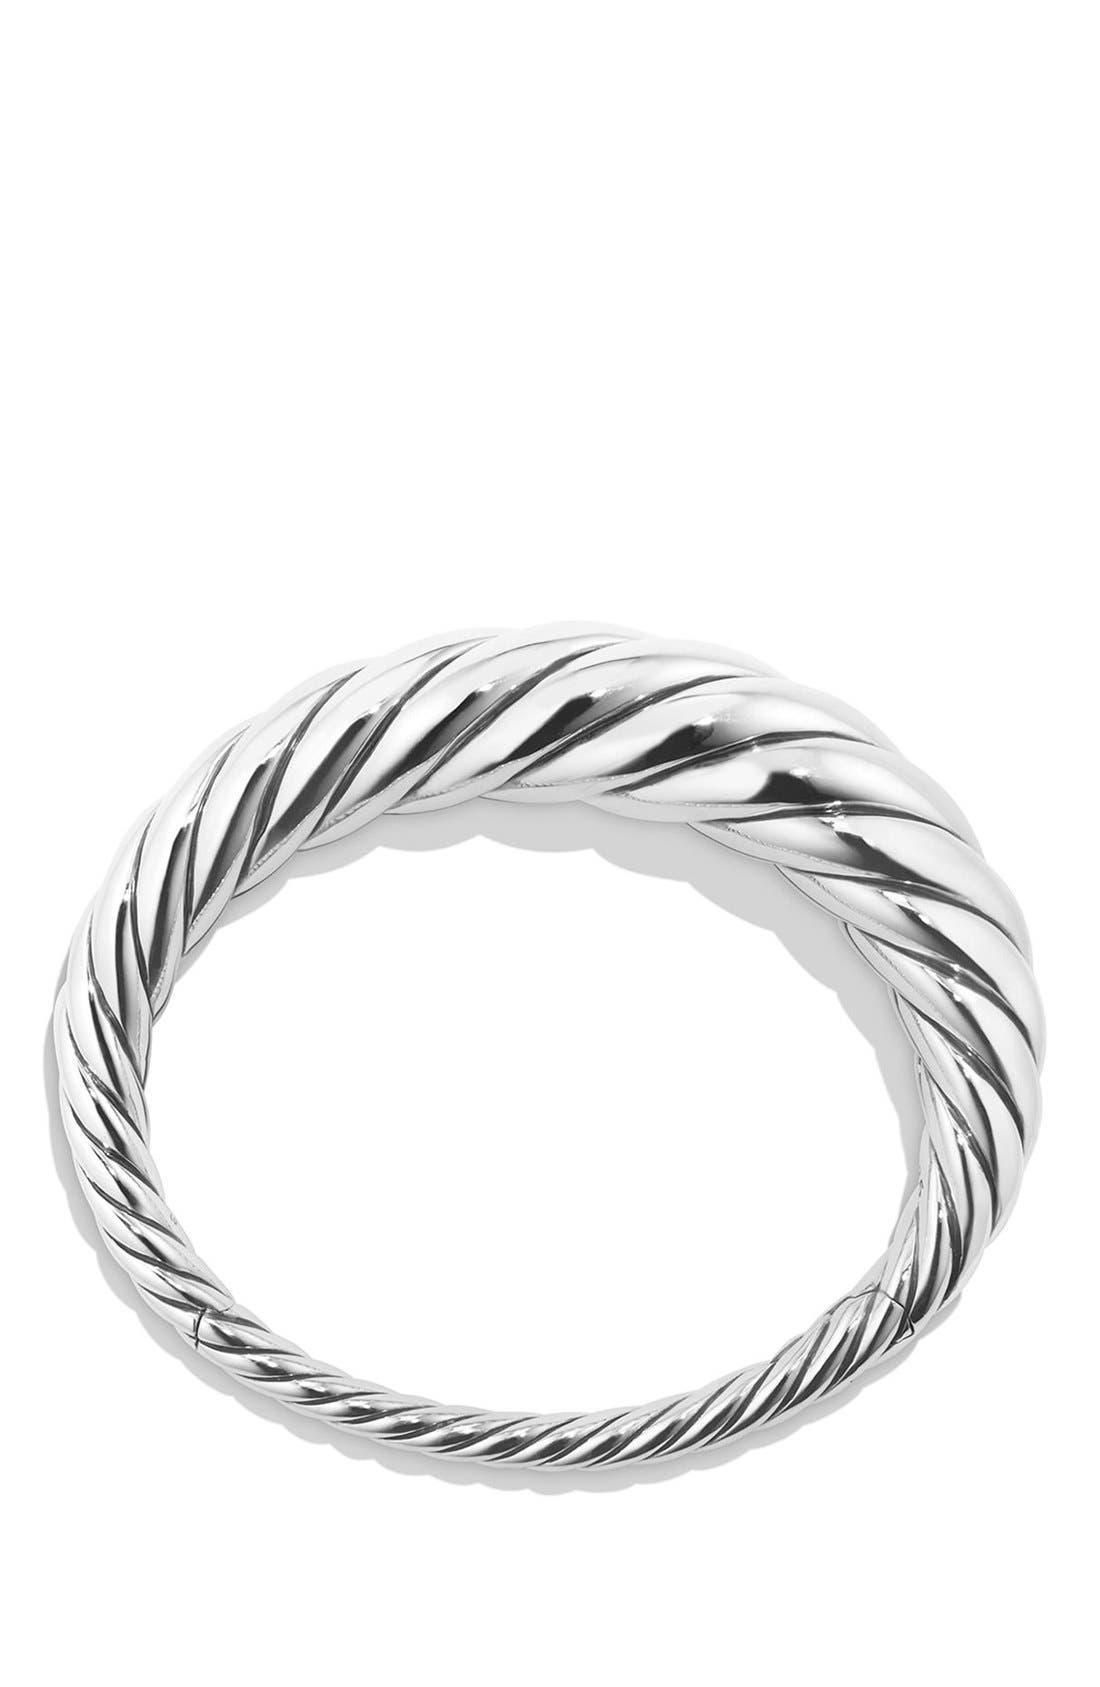 'Pure Form' Cable Bracelet,                             Alternate thumbnail 2, color,                             SILVER